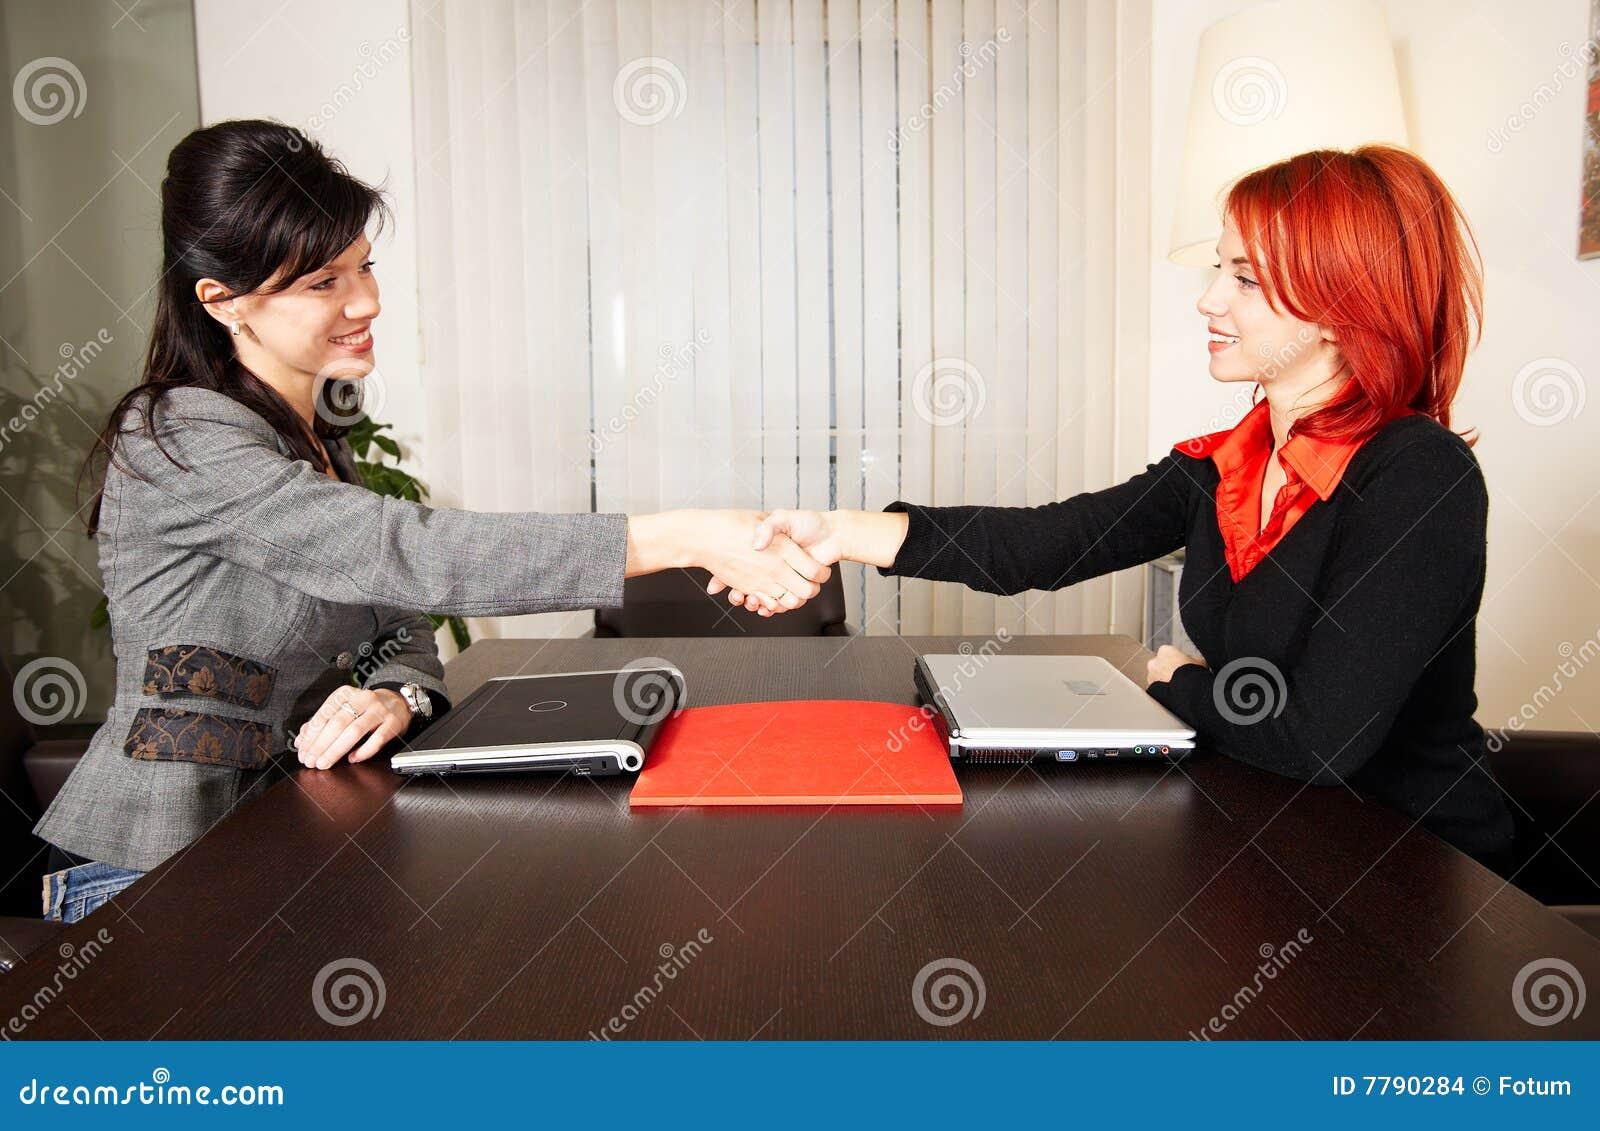 Frau stimmt treffen zu